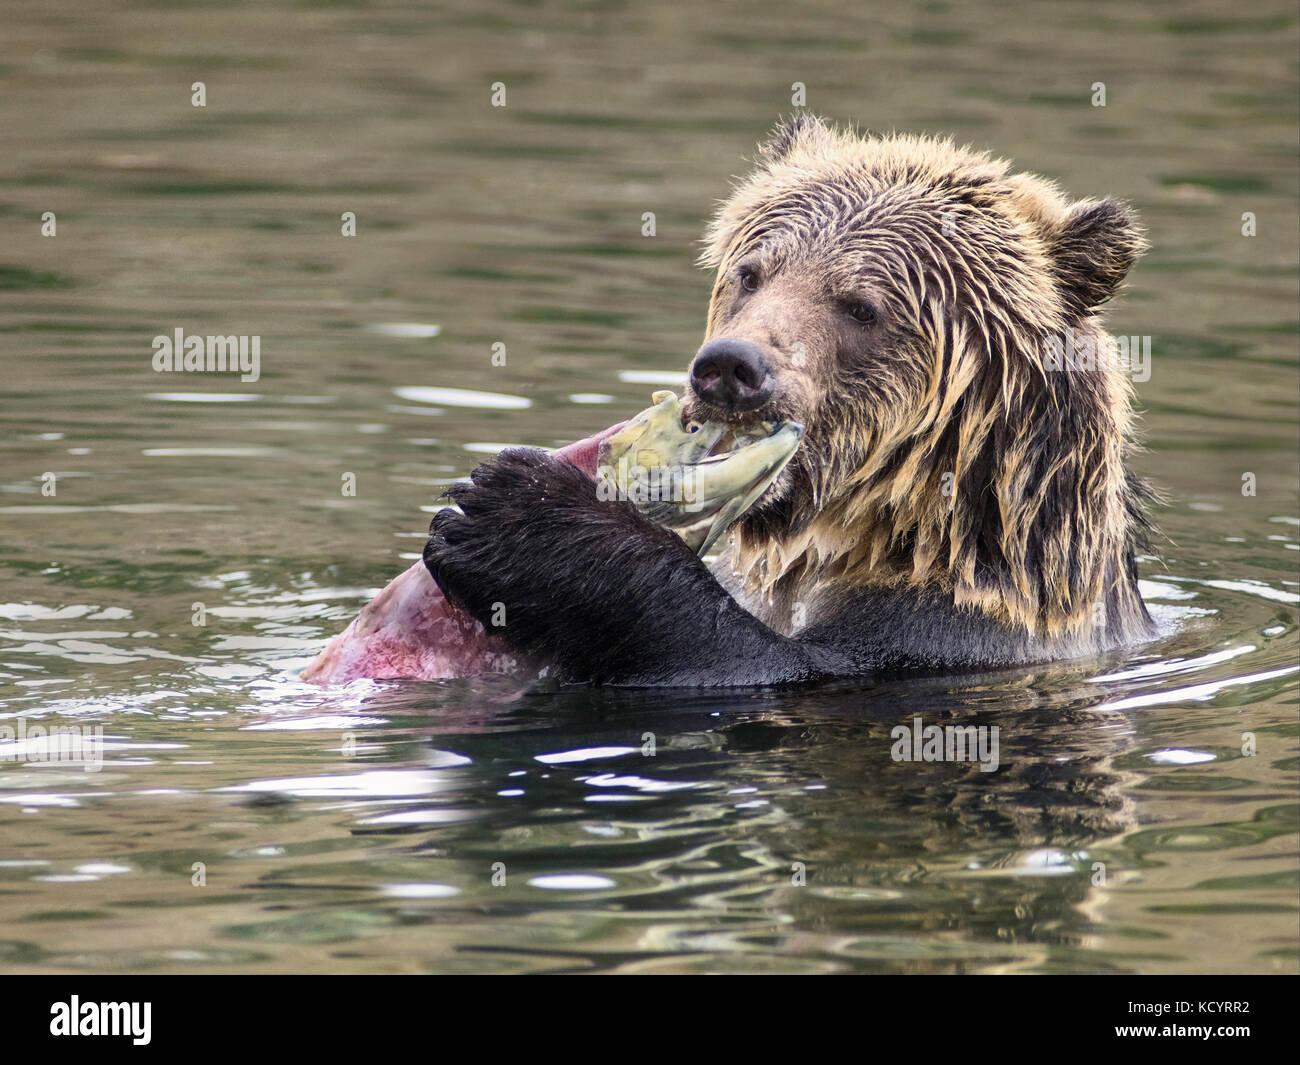 Orso grizzly (Ursus arctos horribilis), sub-adulto, in acqua di salmone alimentazione stream sul salmone sockeye Immagini Stock